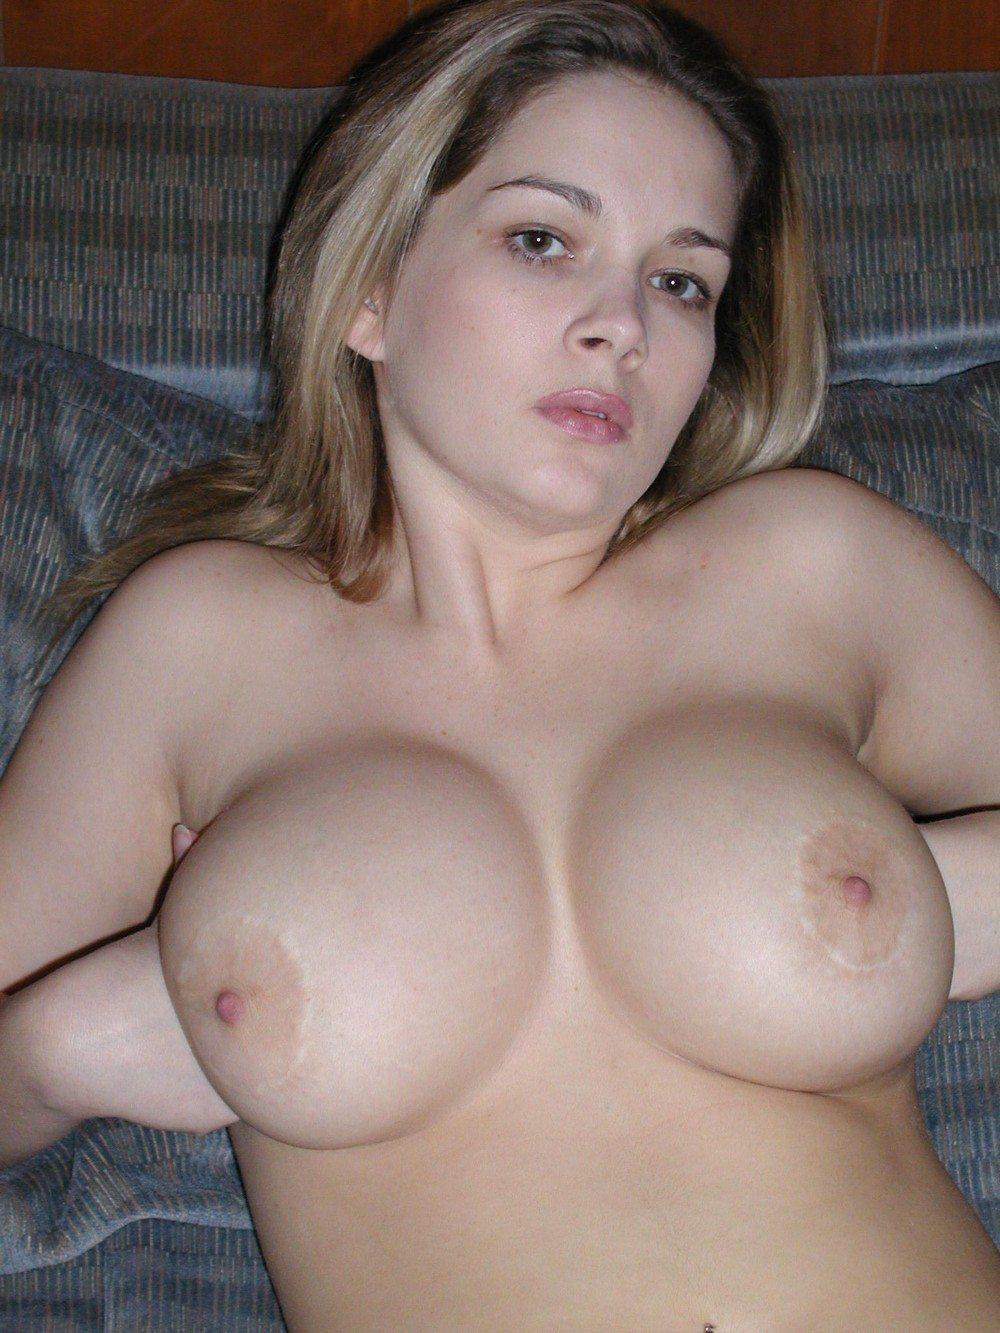 Amateur Big Boobs Pics